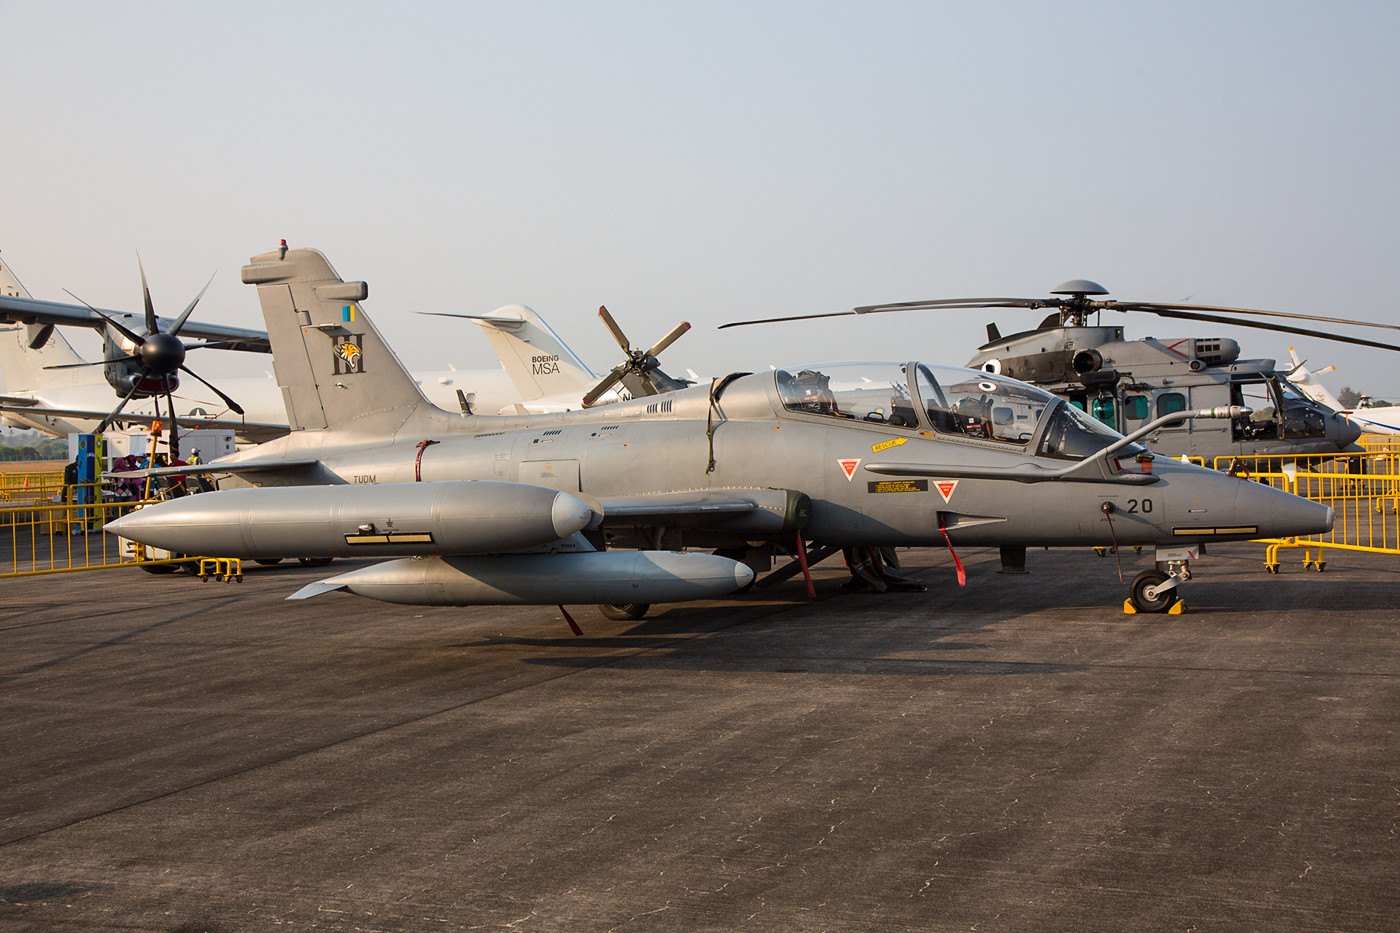 Die MB-339 werden in der Ausbildung verwendet und sind in Kuantan stationiert.